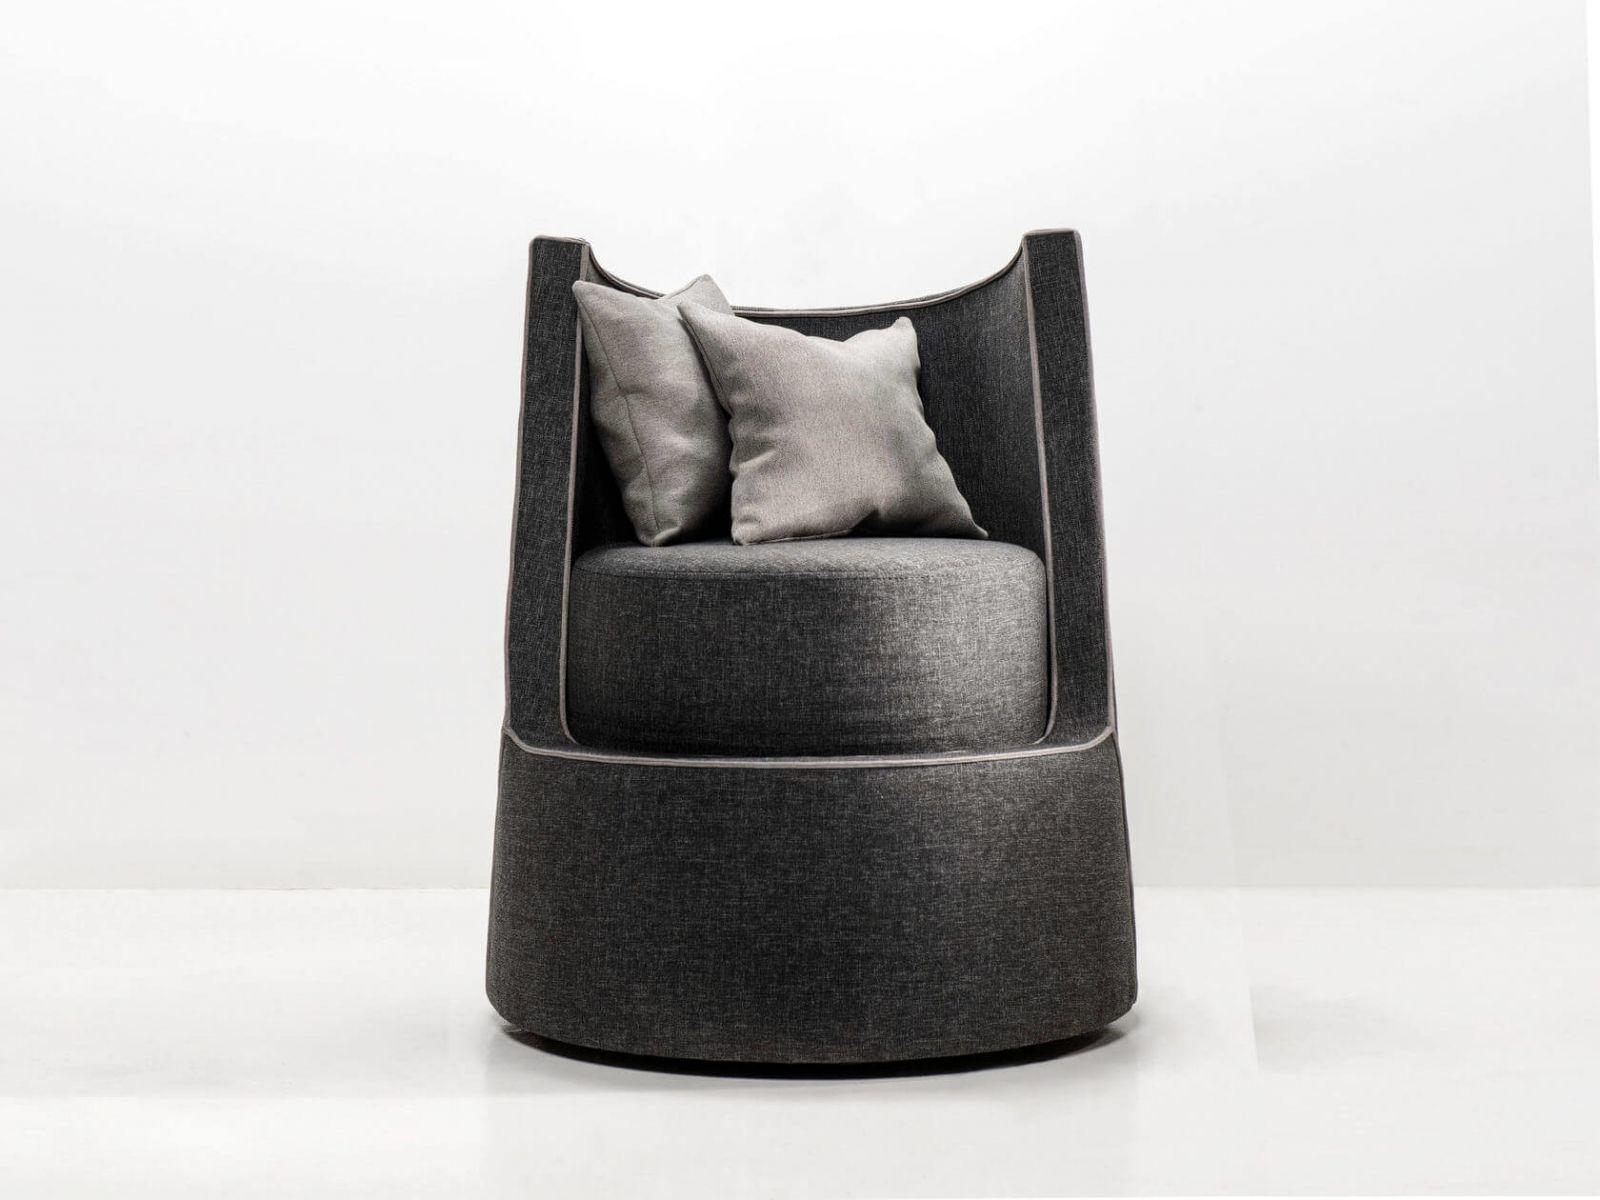 Особенность кресла в том, что оно очень легкое и мобильное, и кроме этого, основа поворачивается вокруг своей оси. Материалы: текстиль и войлок.